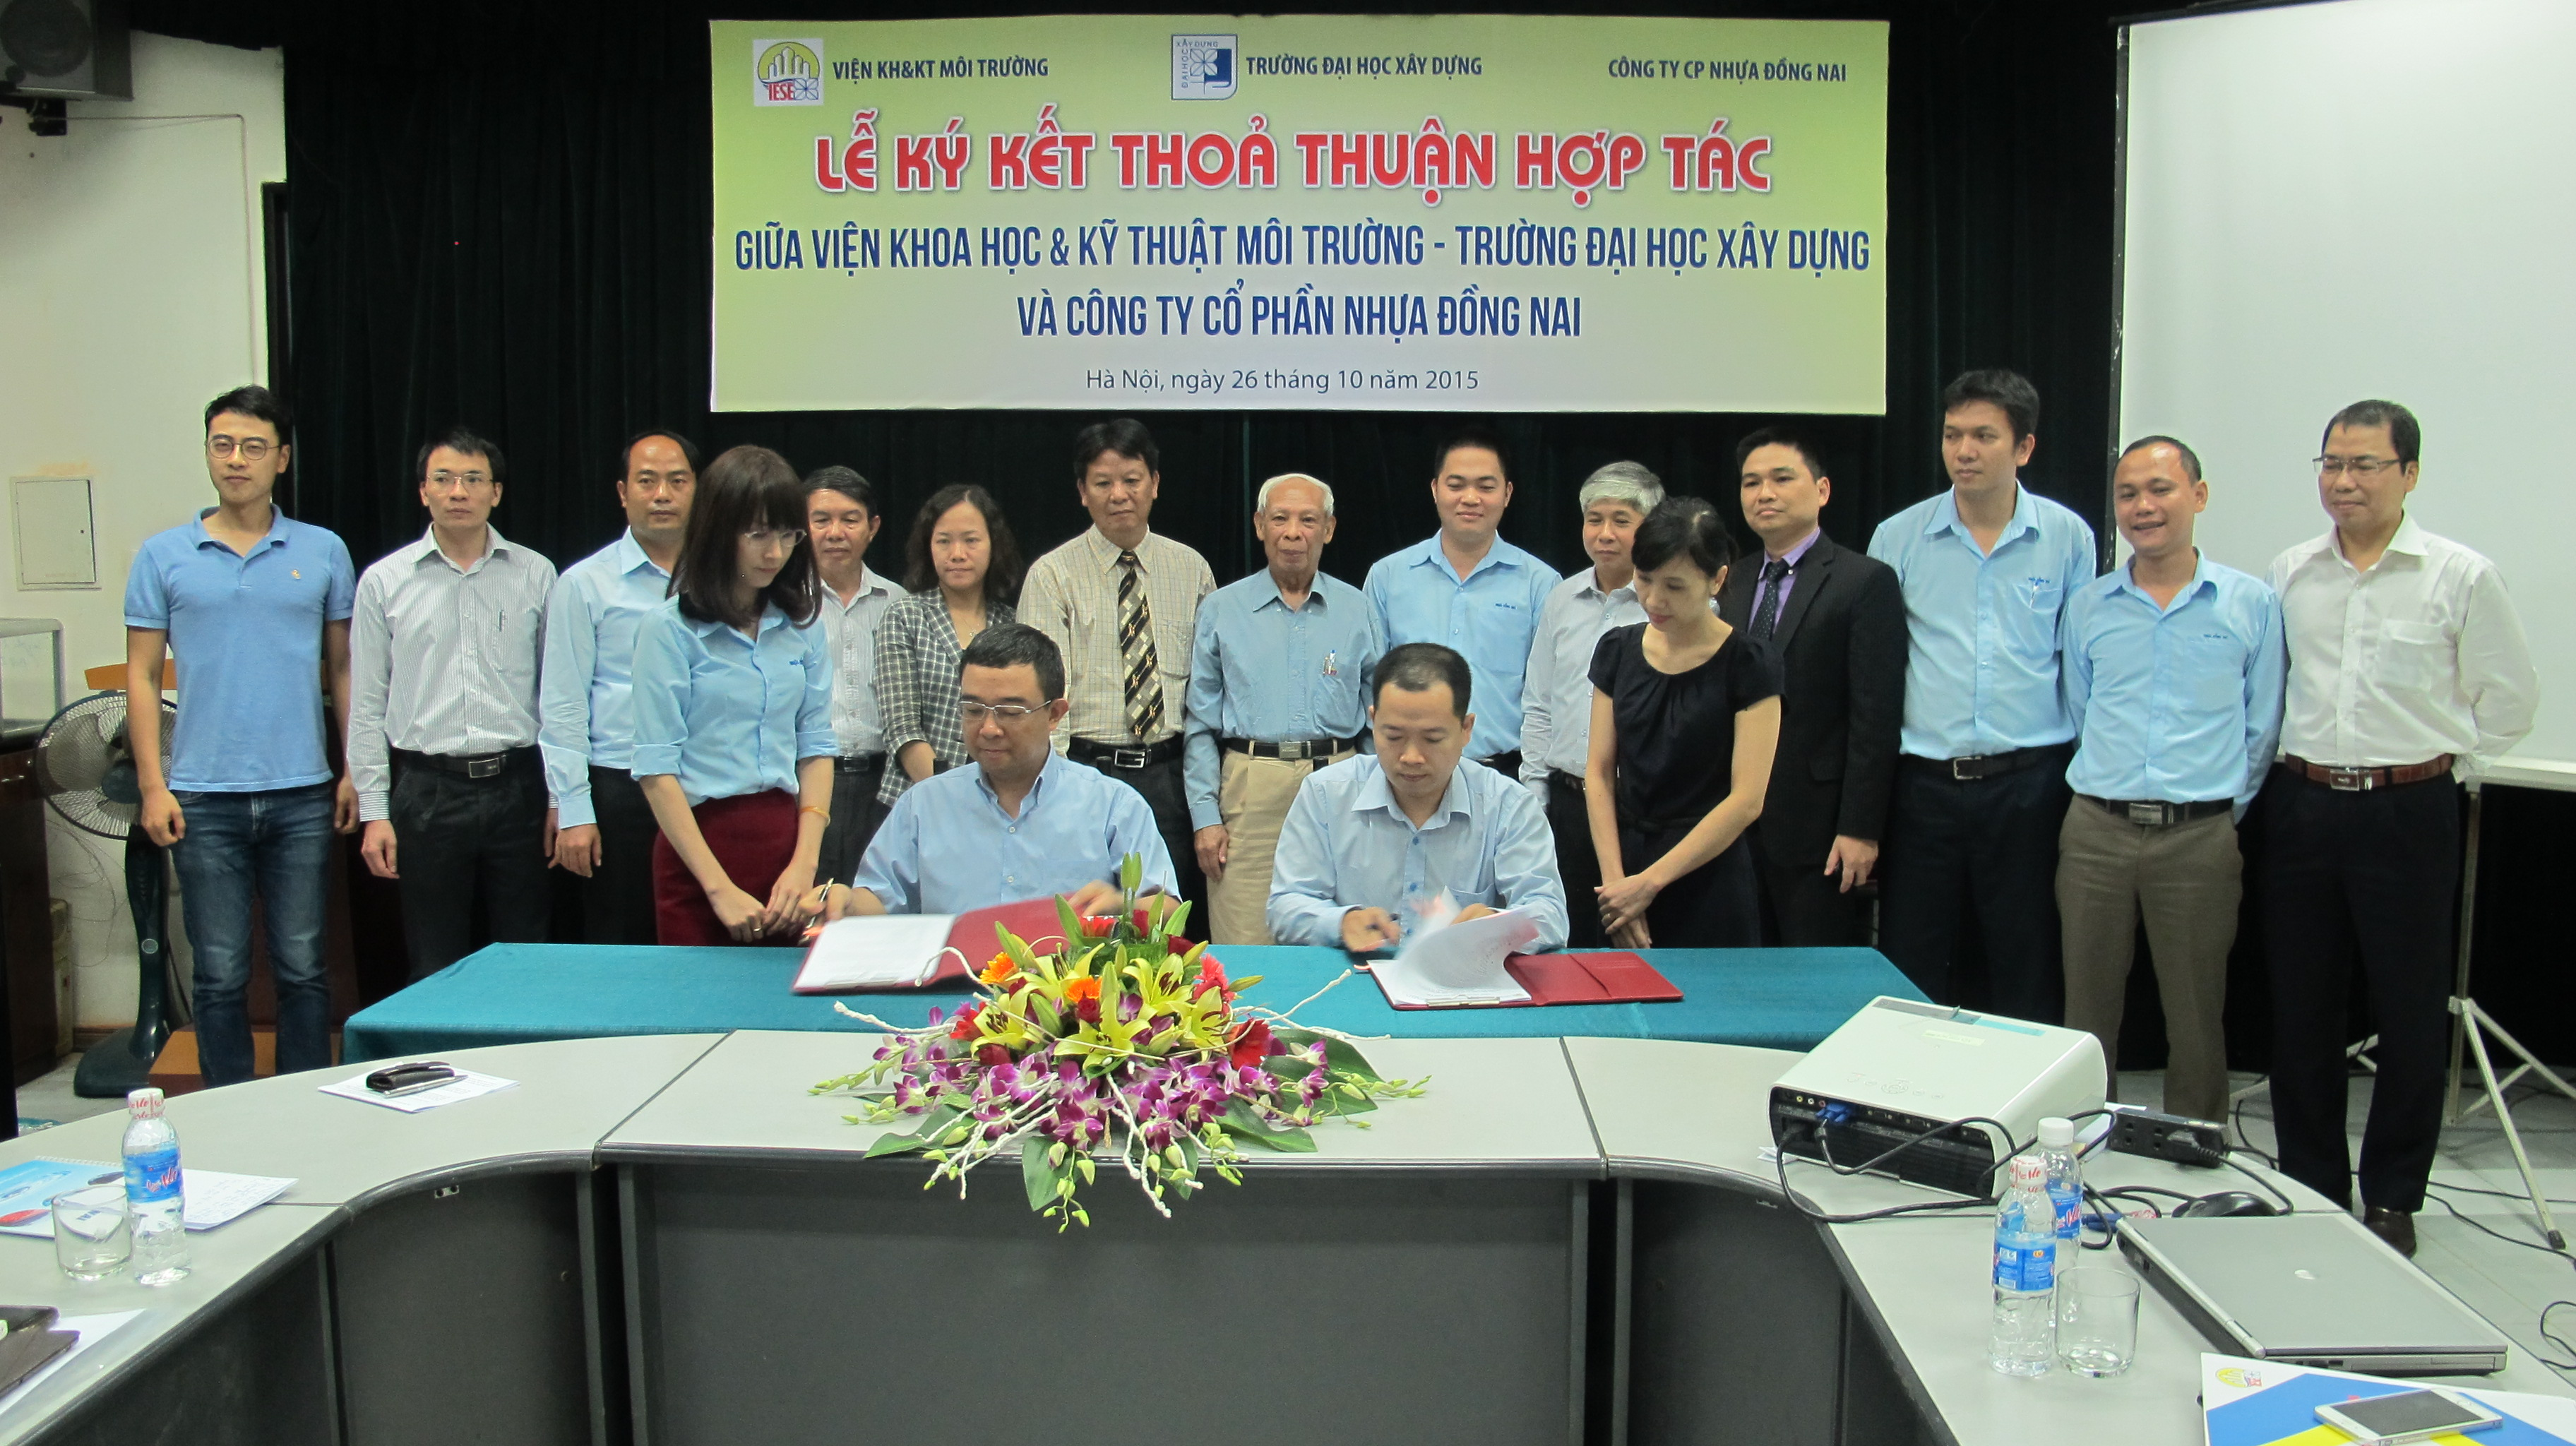 Ký kết thỏa thuận hợp tác toàn diện với CTCP Nhựa Đồng Nai